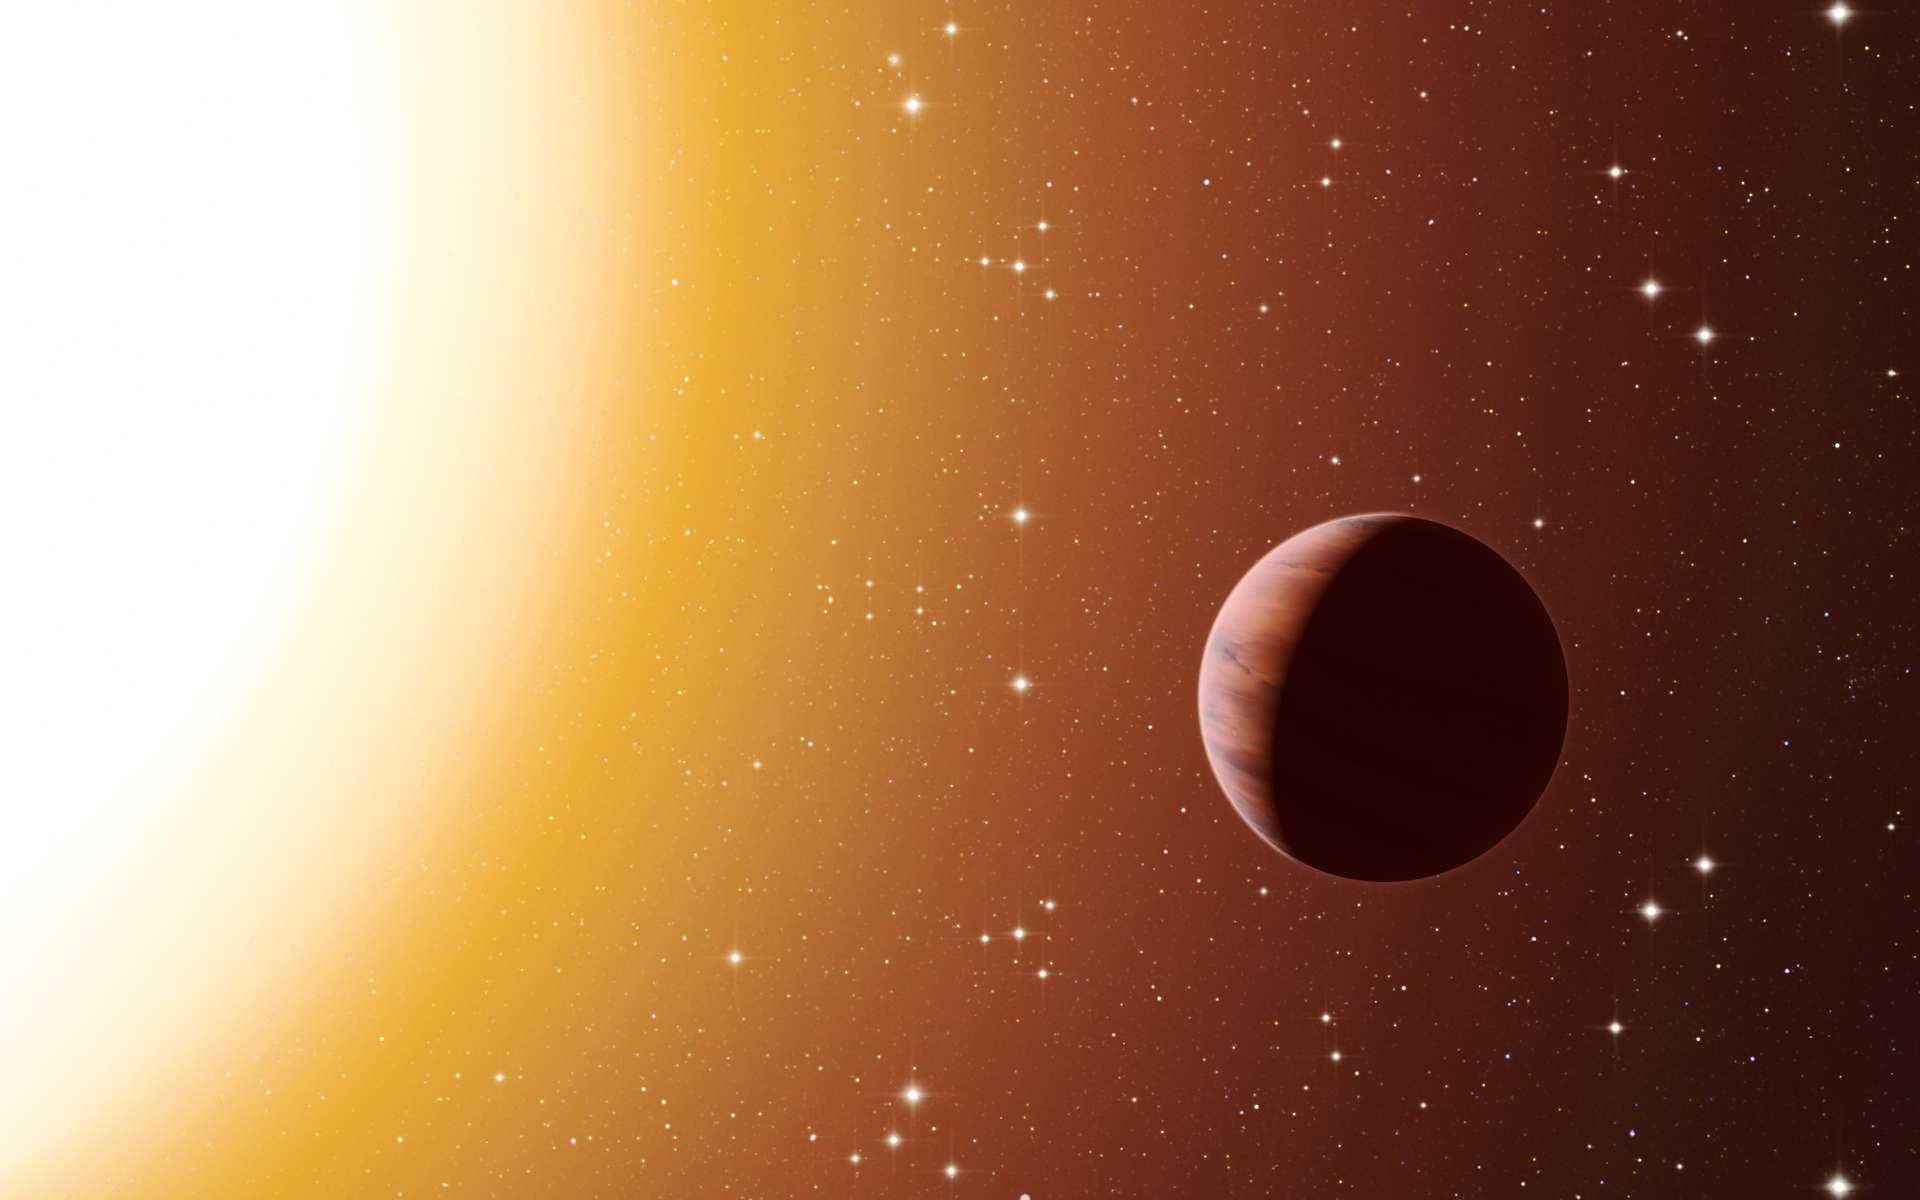 K2-39b est une planète géante, huit fois plus grosse que la Terre et cinquante fois plus massive, découverte sur une orbite très proche d'une étoile sous-géante. Les astronomes sont étonnés qu'elle ait pu survivre aux forces de marée de son étoile. © Eso, L. Calçada